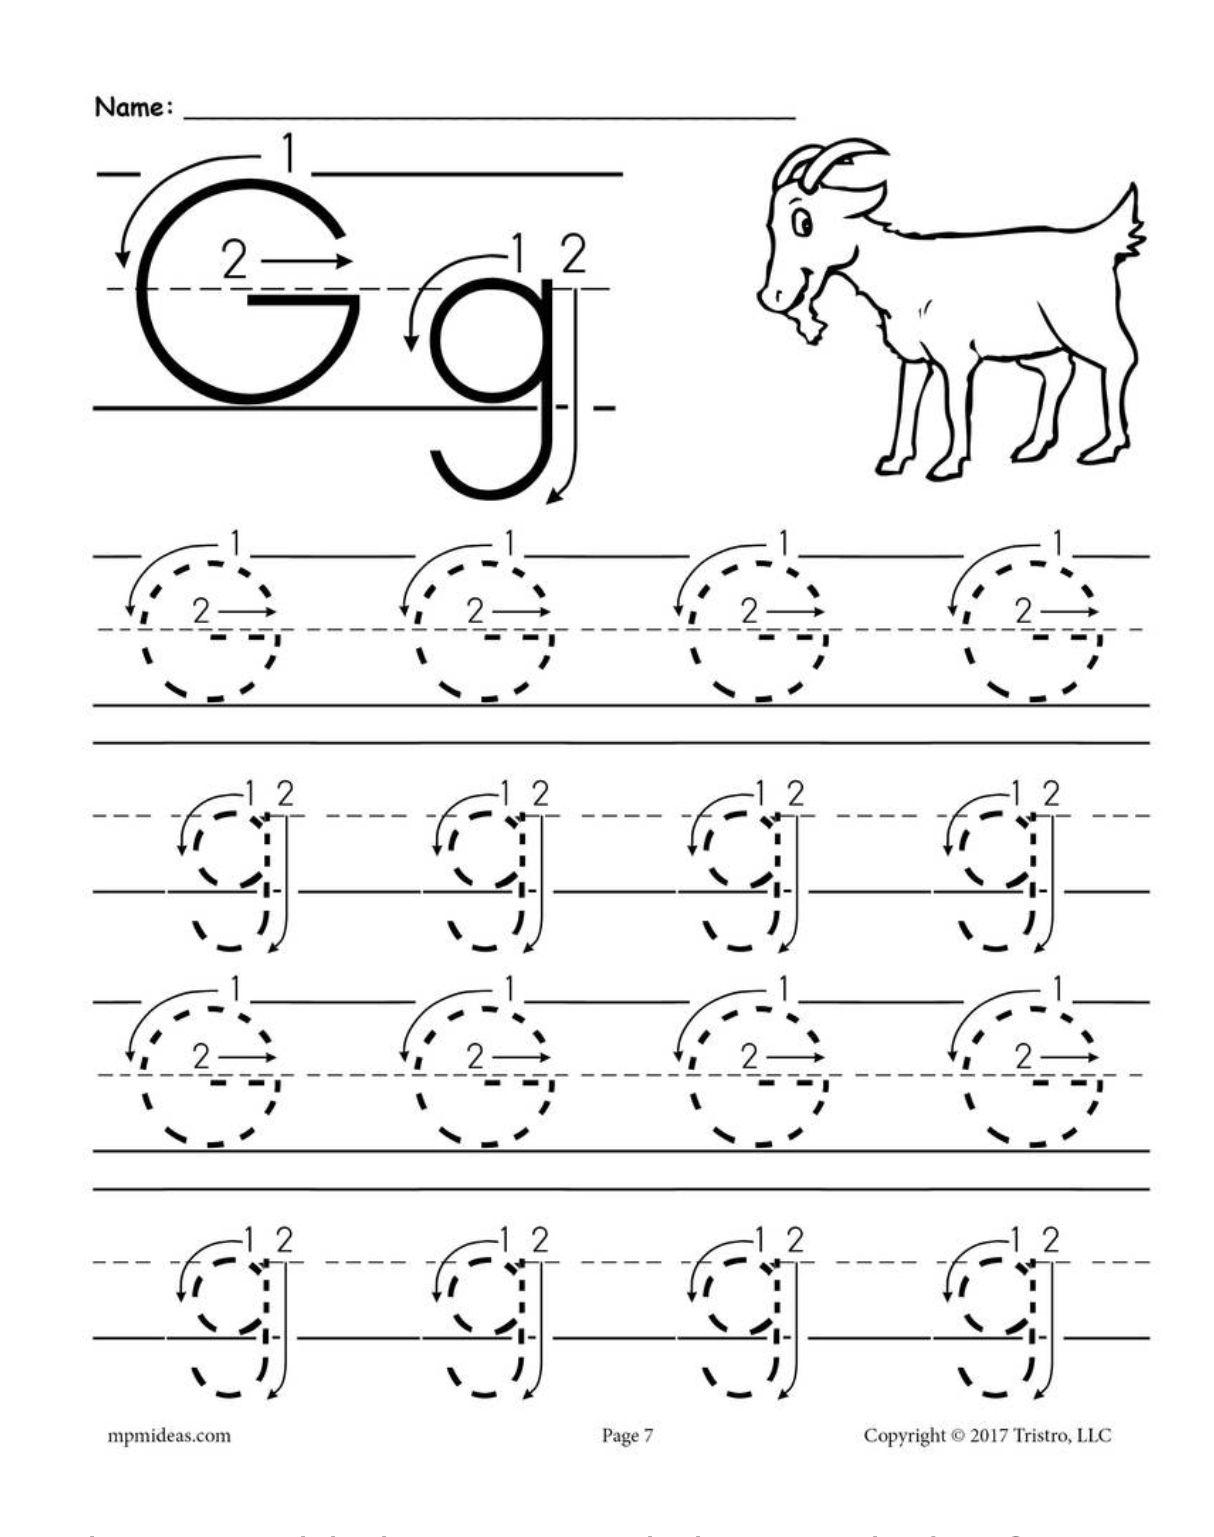 Letter G Kindergarten Worksheets In 2020 Letter G Worksheets Tracing Worksheets Preschool Letter Worksheets For Preschool